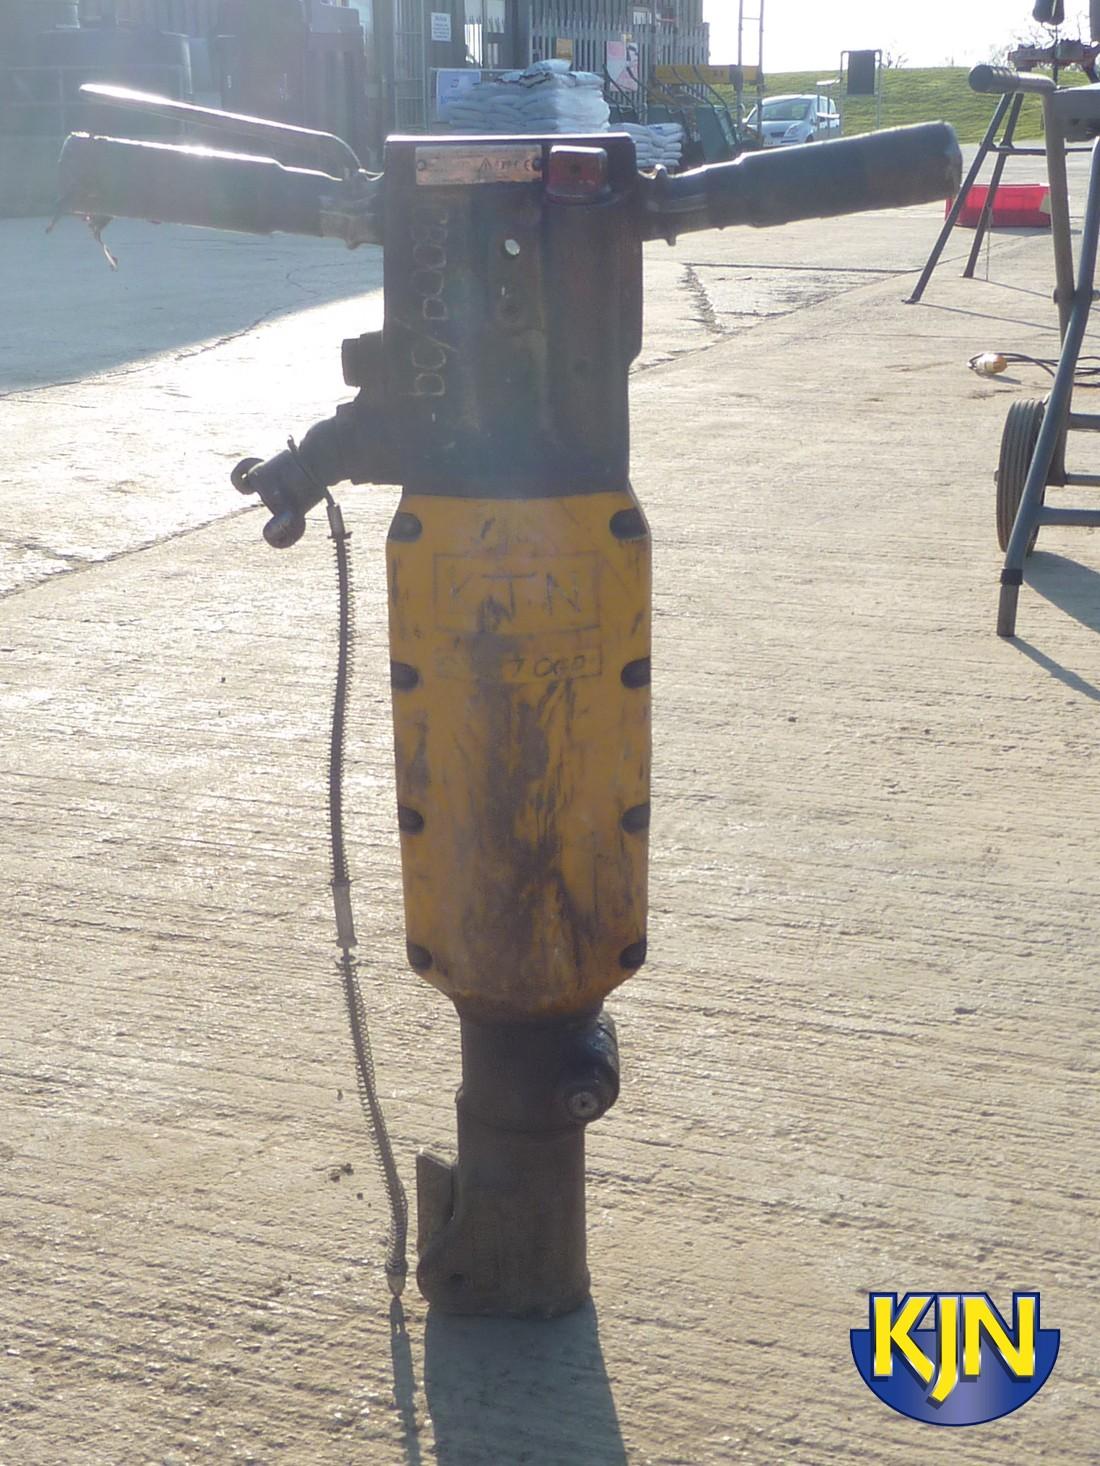 Vibration Damped Demolition Hammer